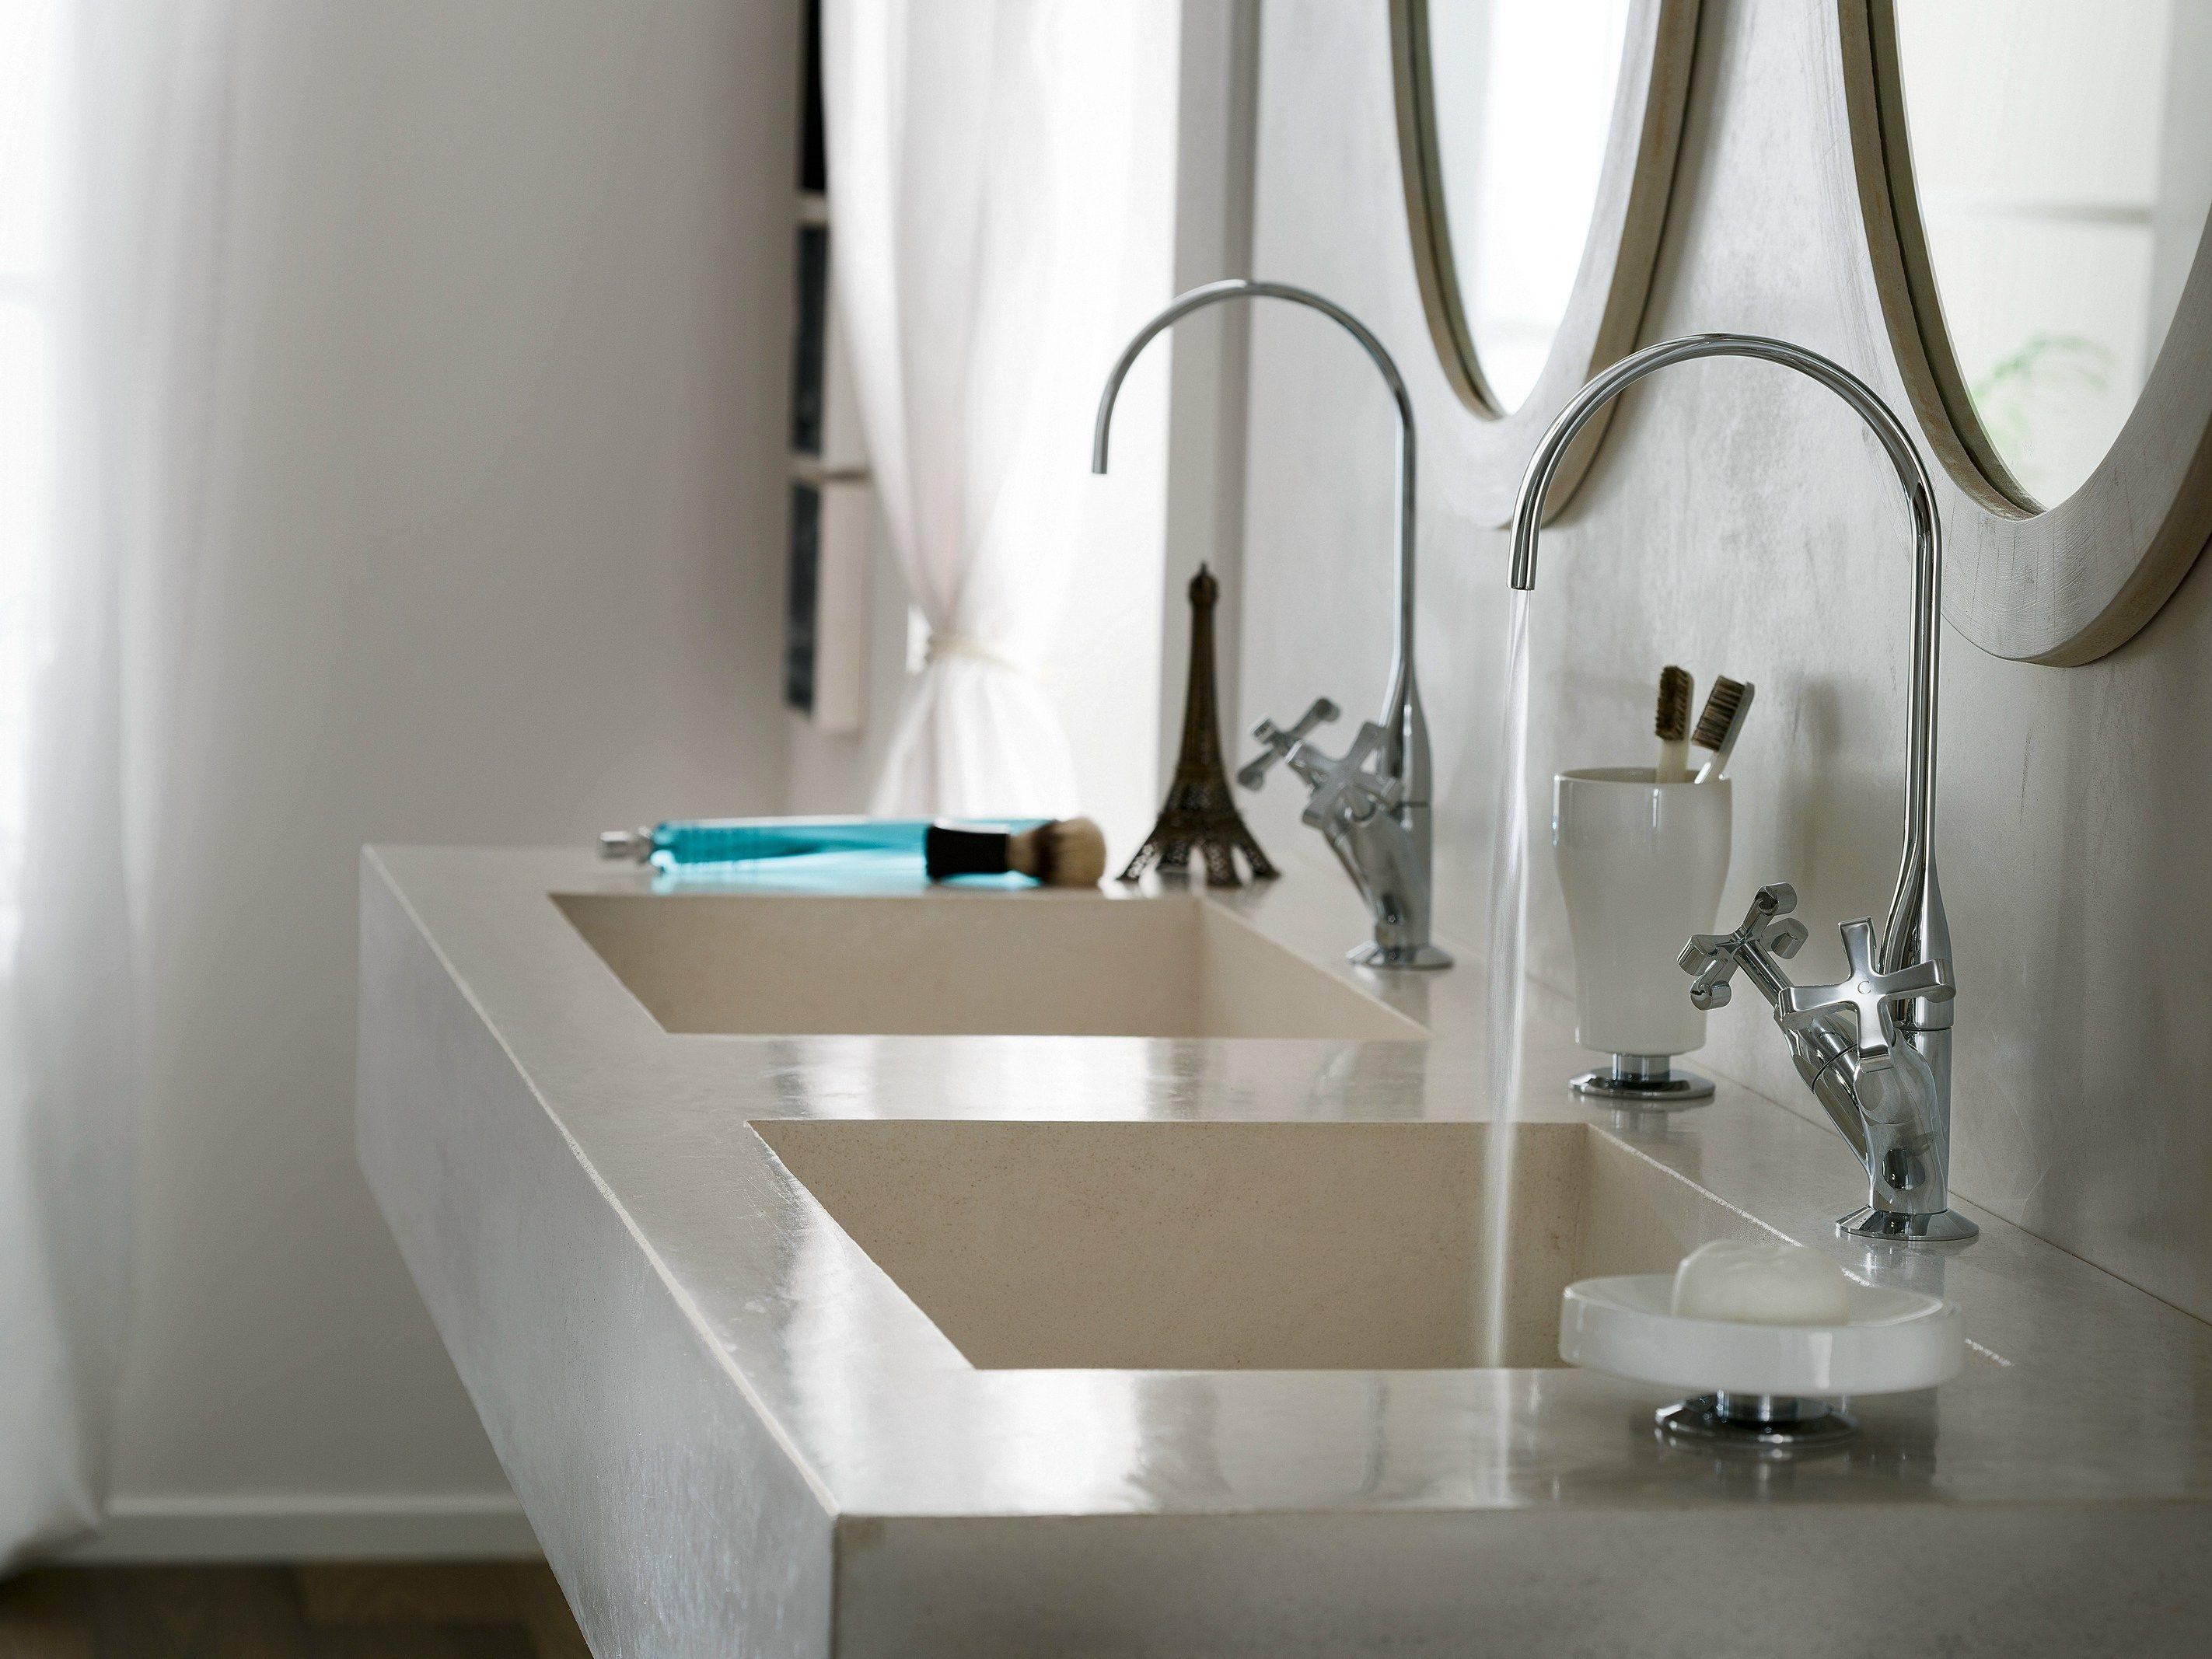 Carlos primero grifo para lavabo con 1 orificio by carlo - Grifos para lavabos sobre encimera ...